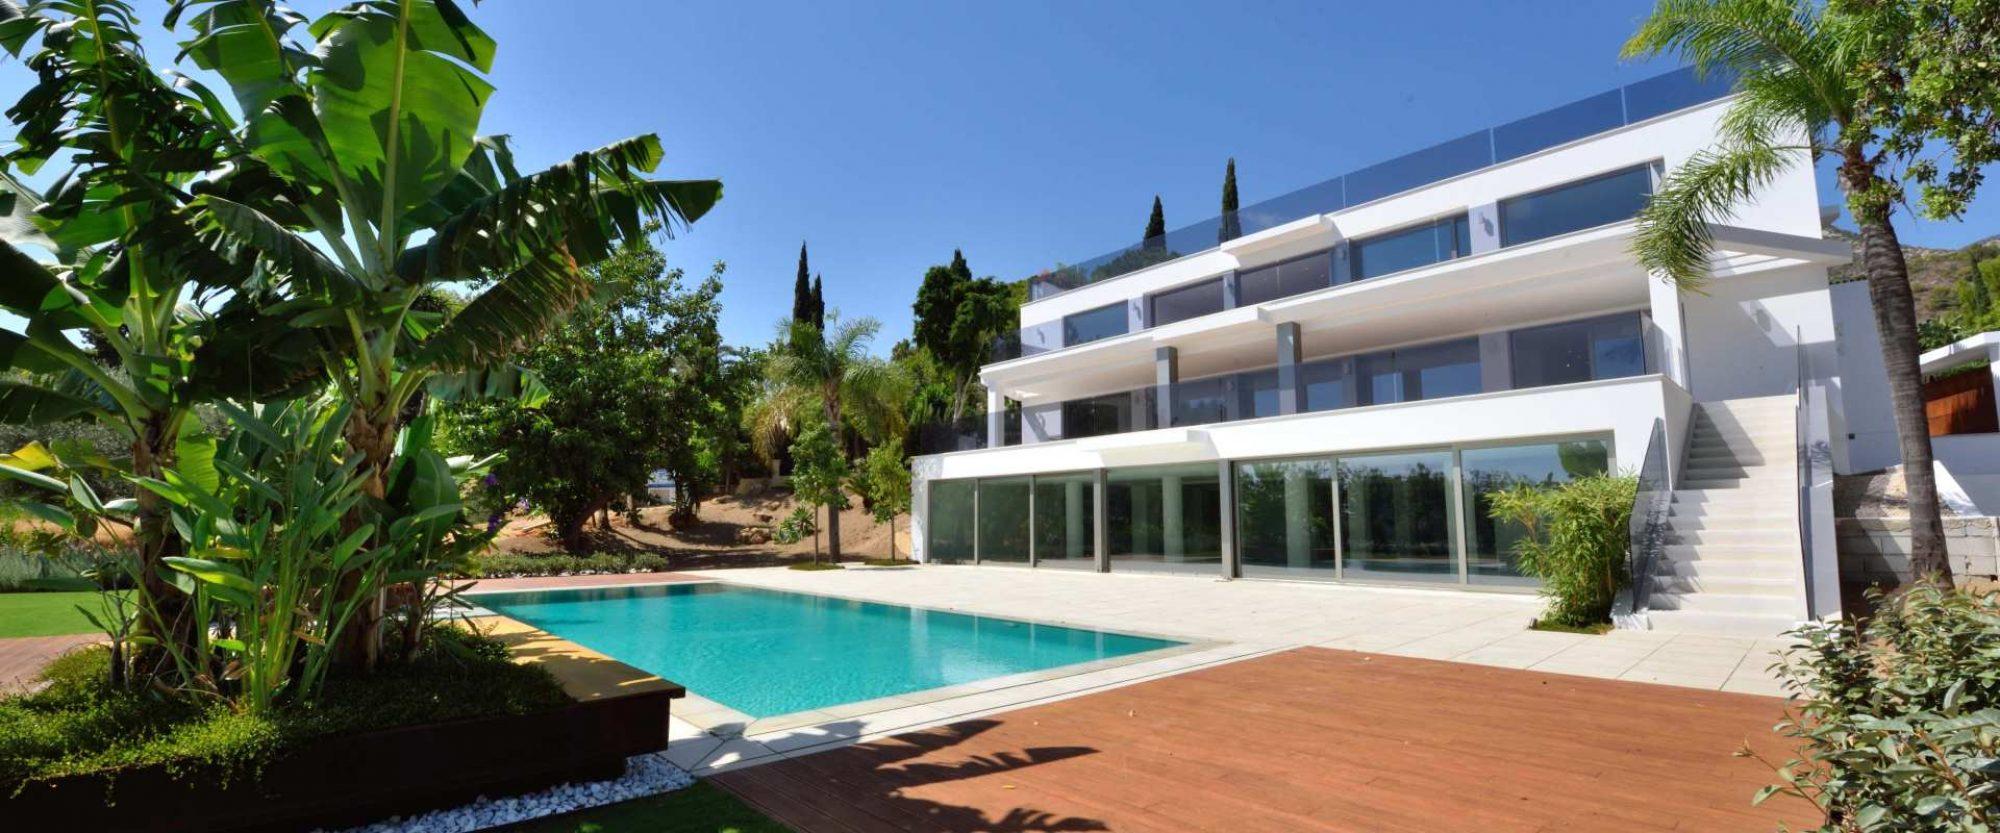 for sale new contemporary villa in cascada de camojan marbella